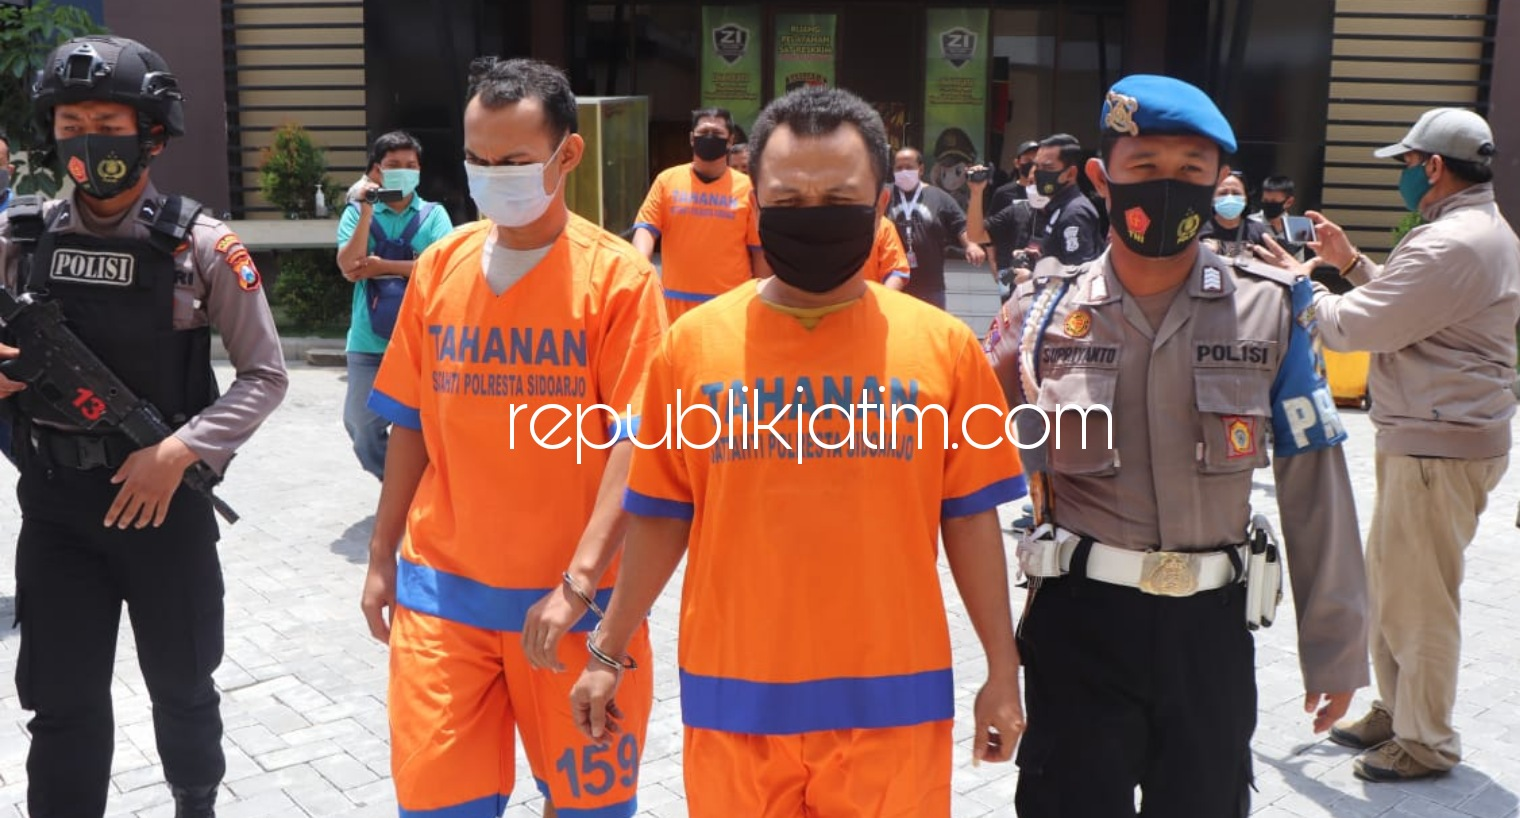 Ambil Paksa Mobil Sitaan Disertai Acaman, 4 Pemuda Gresik dan Surabaya Diringkus, 3 Lainnya Buron